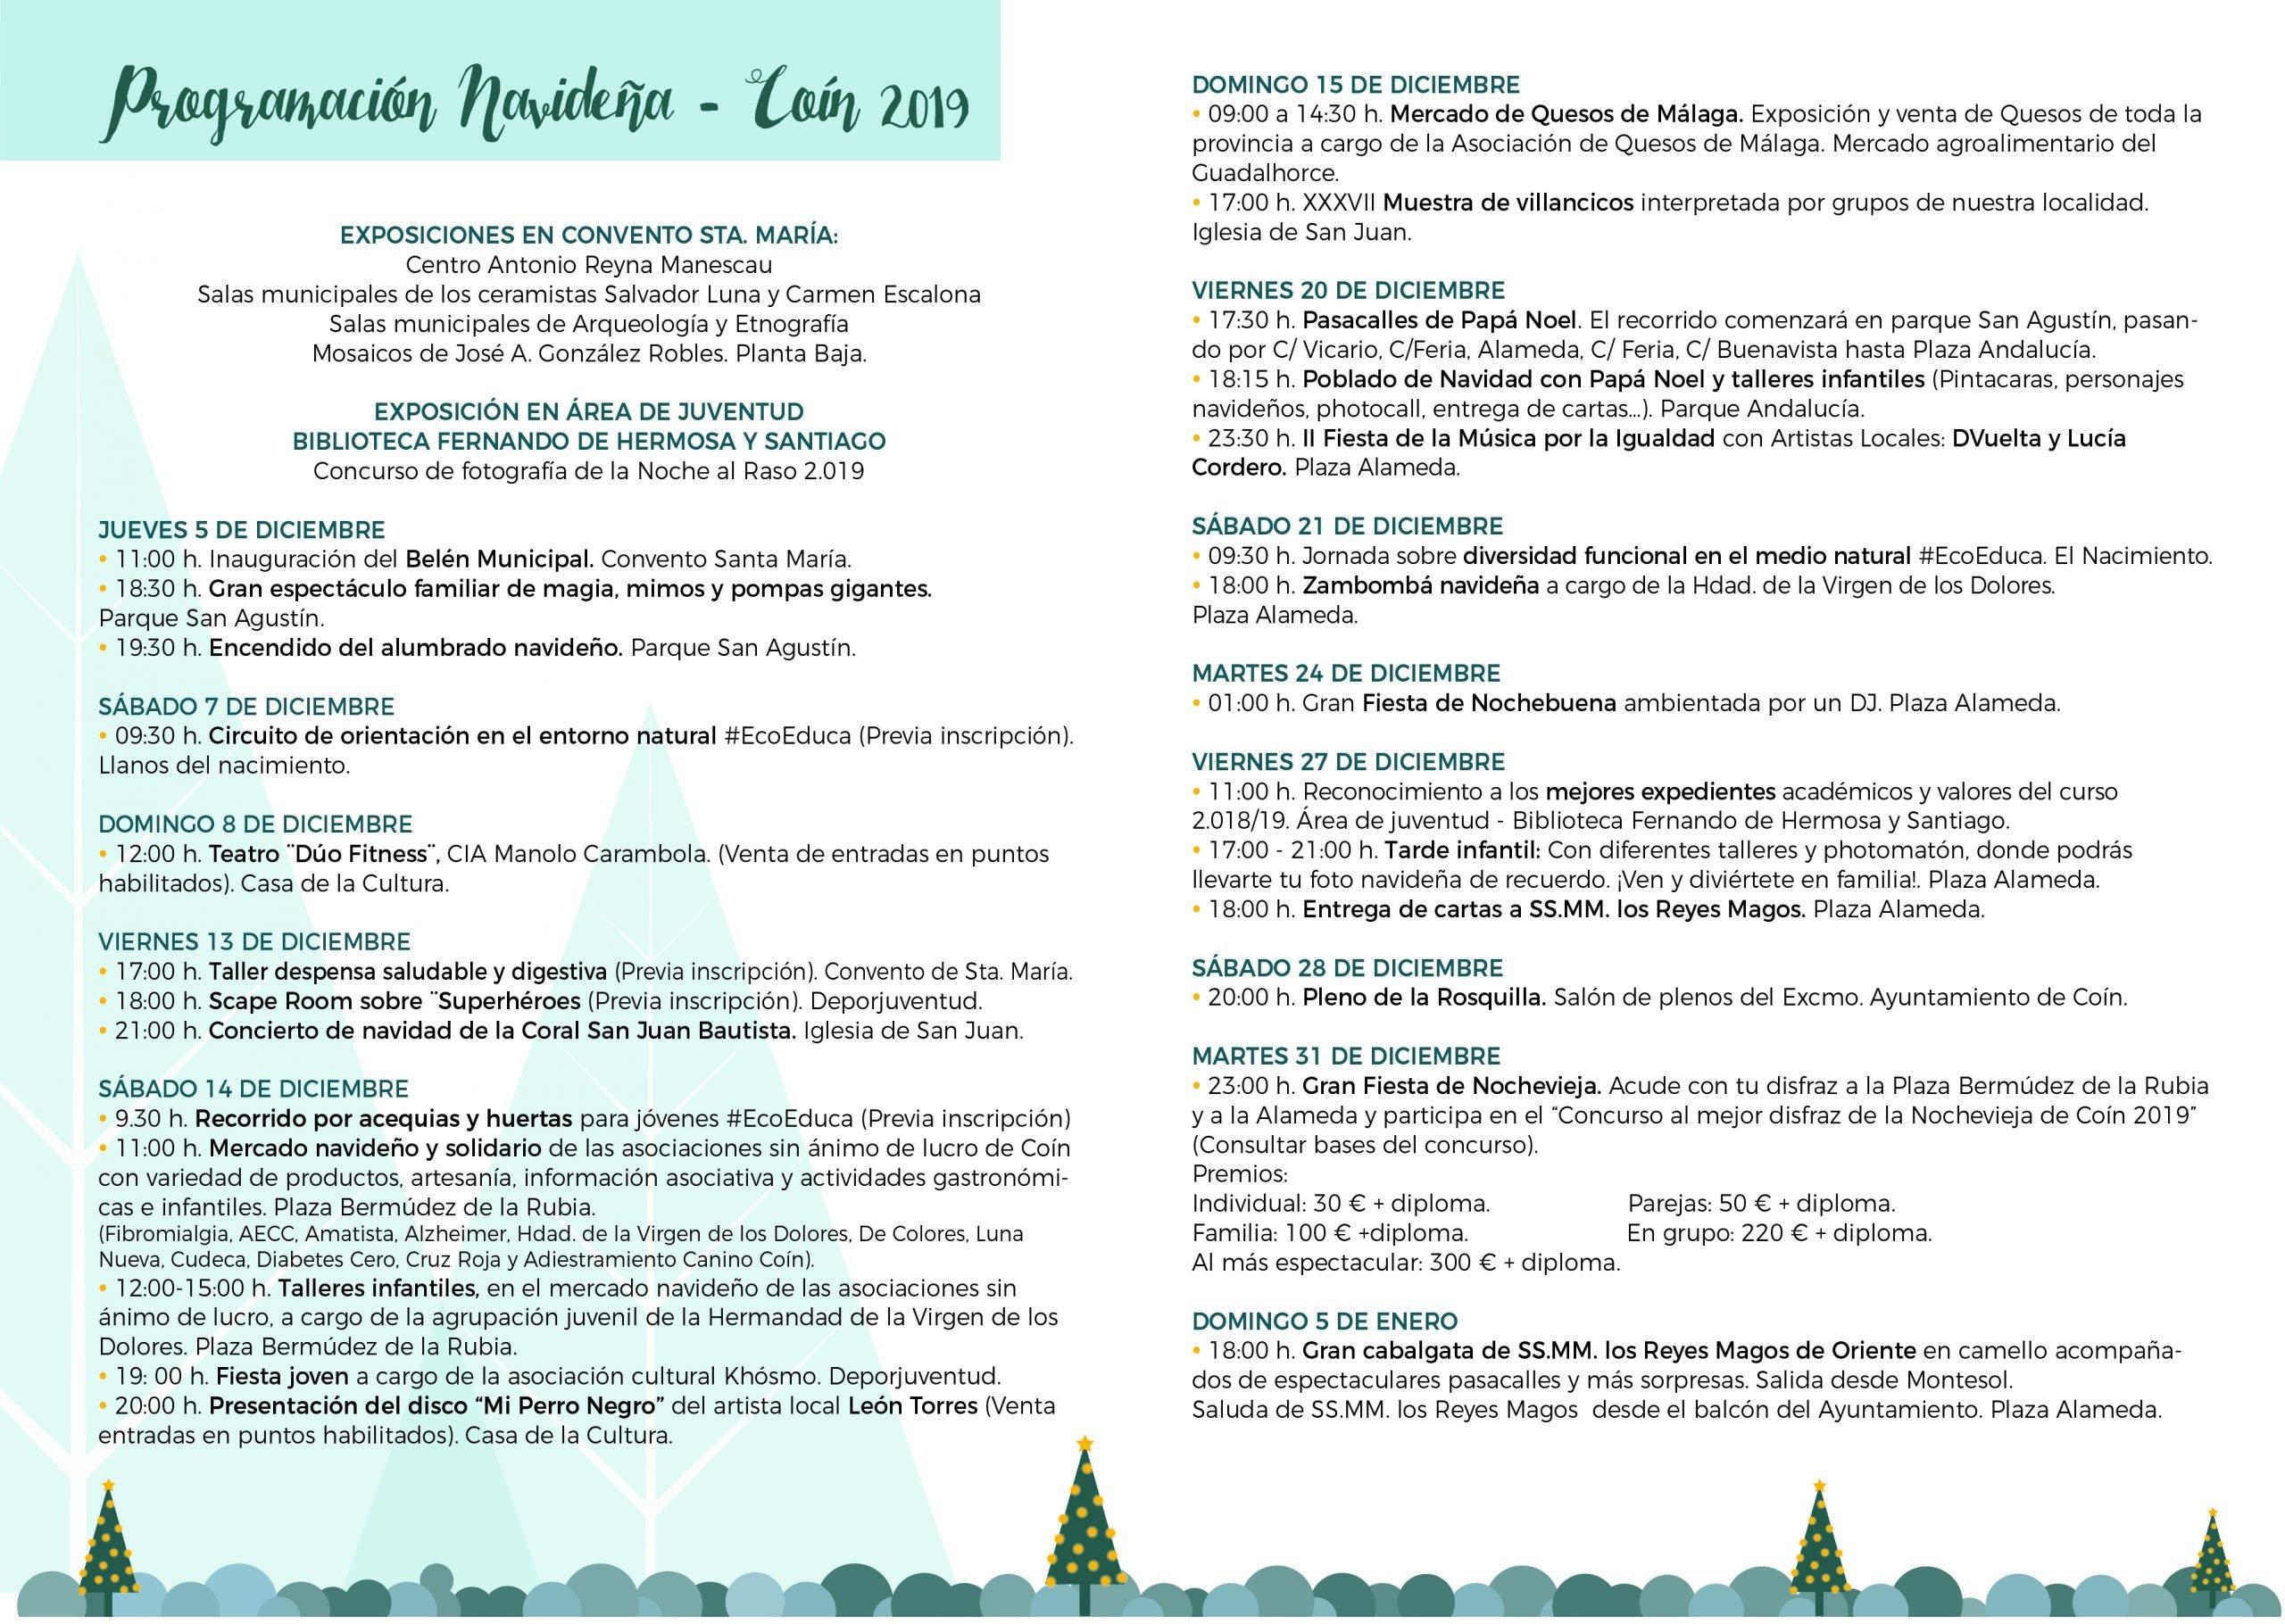 Programa de actividades navideñas en Coín 2019/2020.